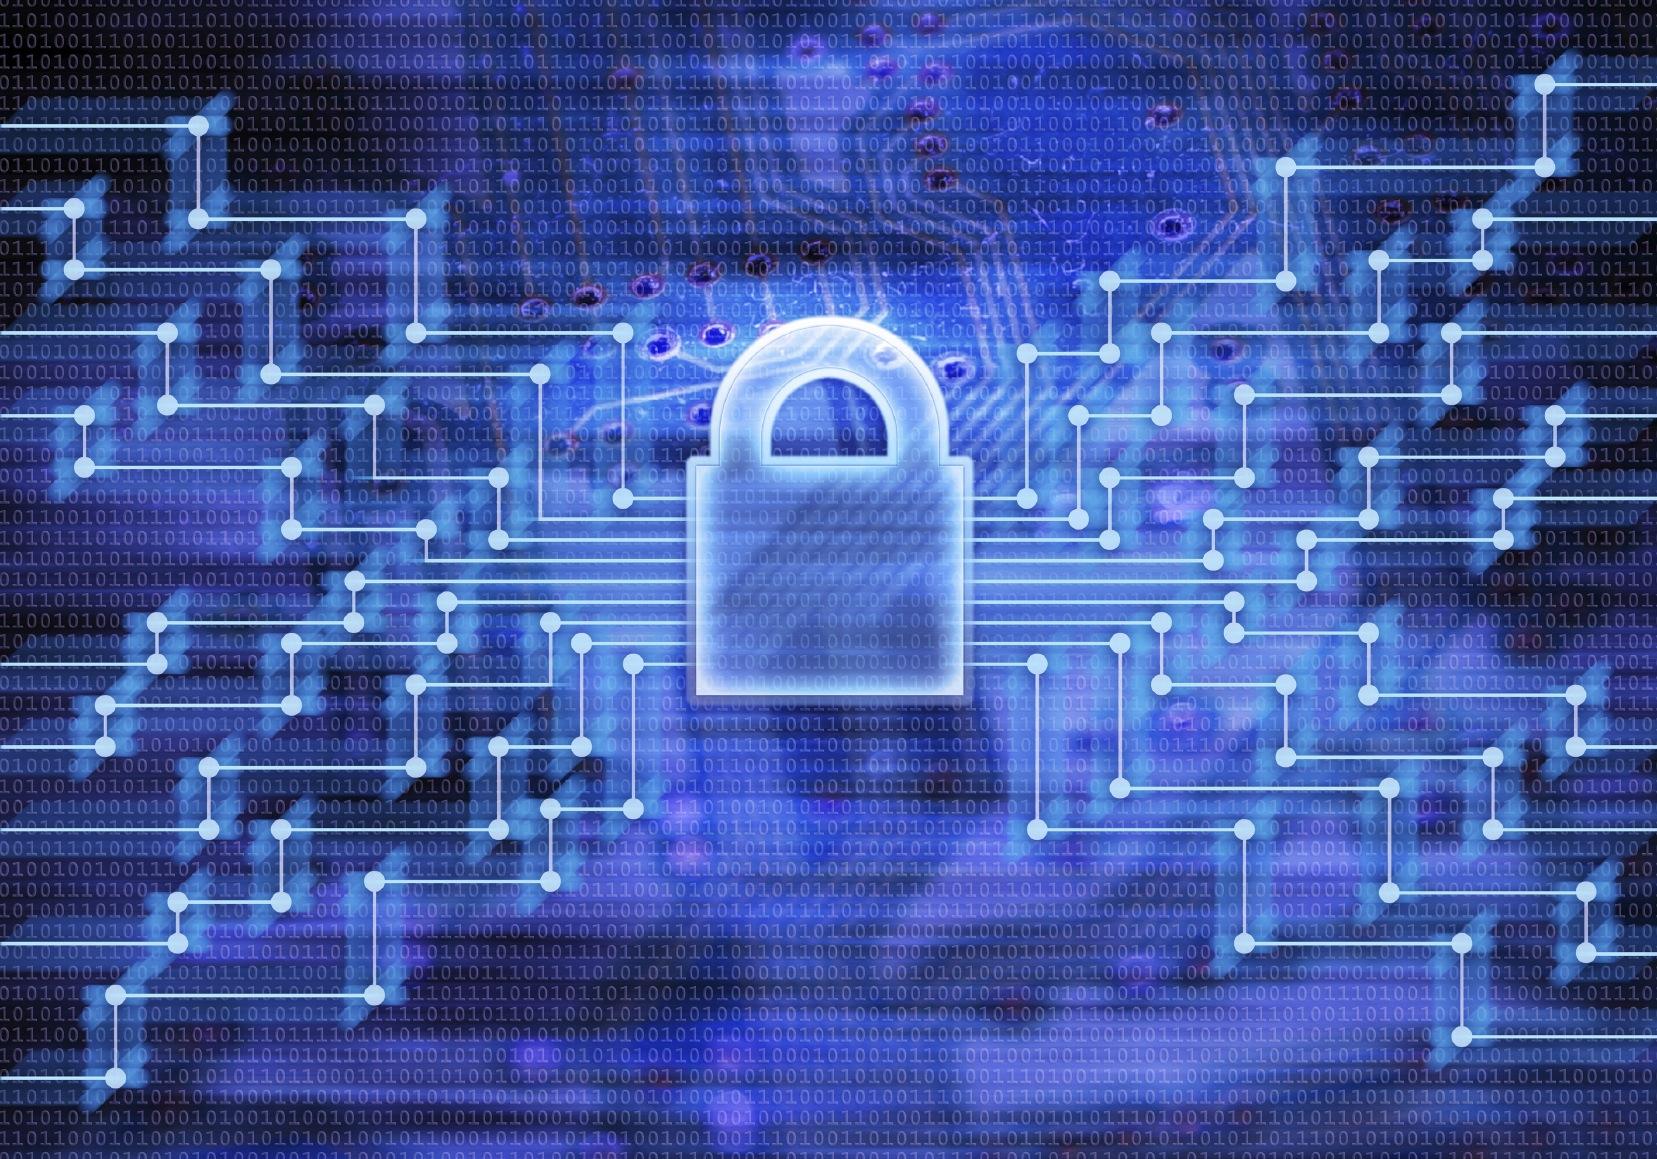 Managed Webgateway